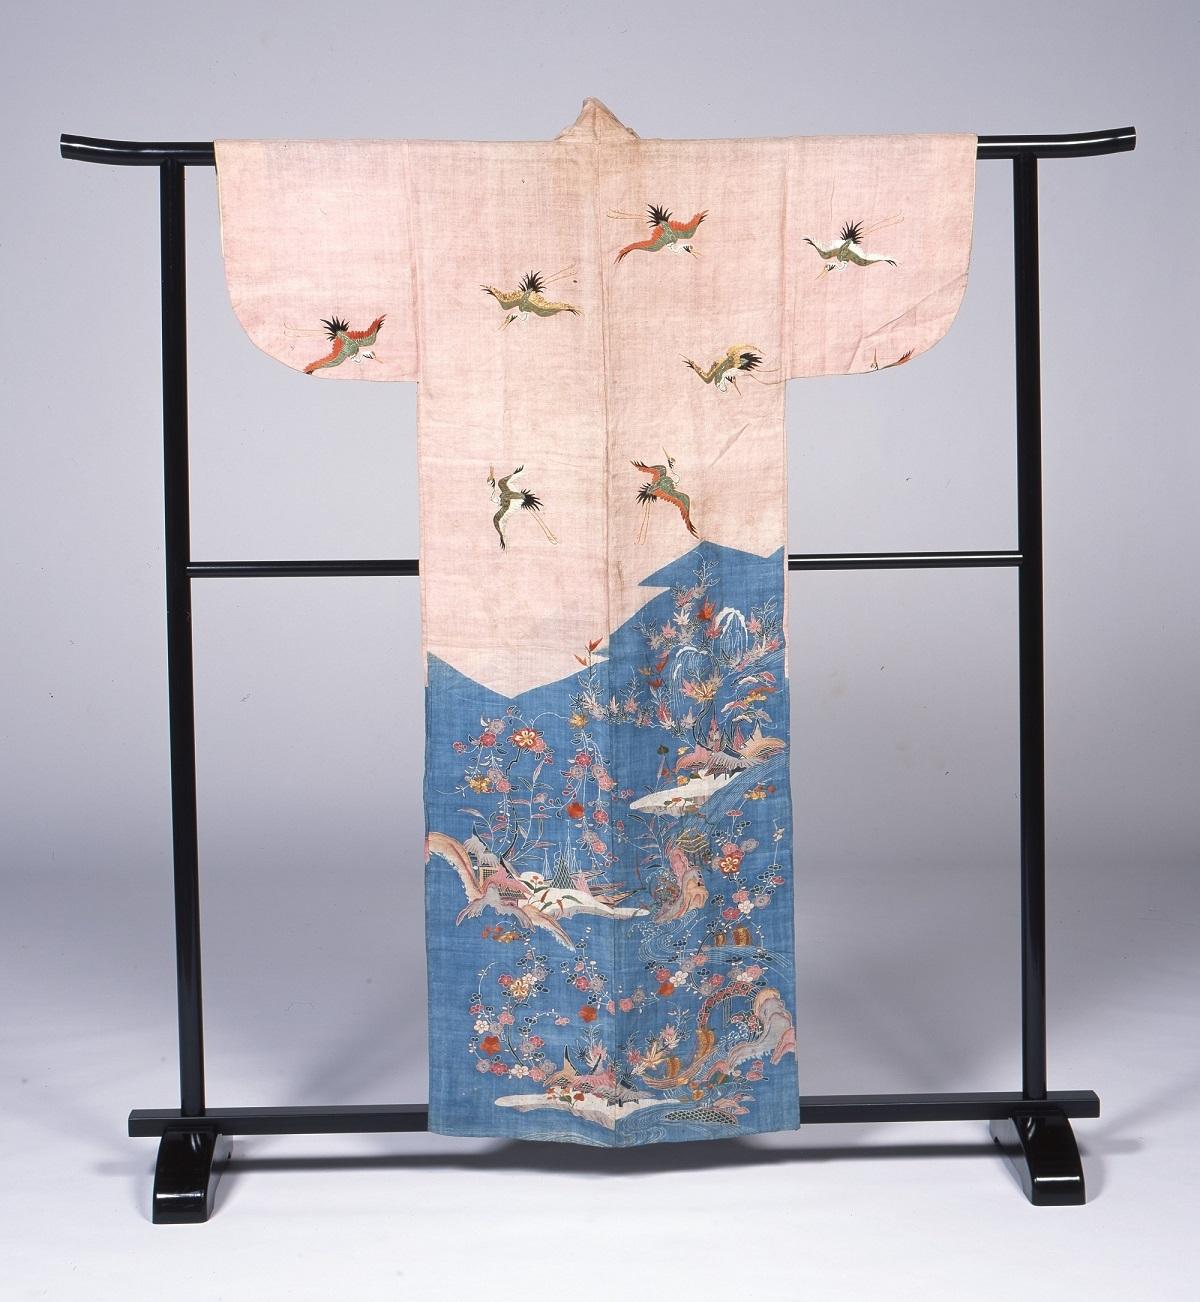 「染分麻地水辺風景鶴模様帷子」江戸時代・18世紀 江戸東京博物館蔵